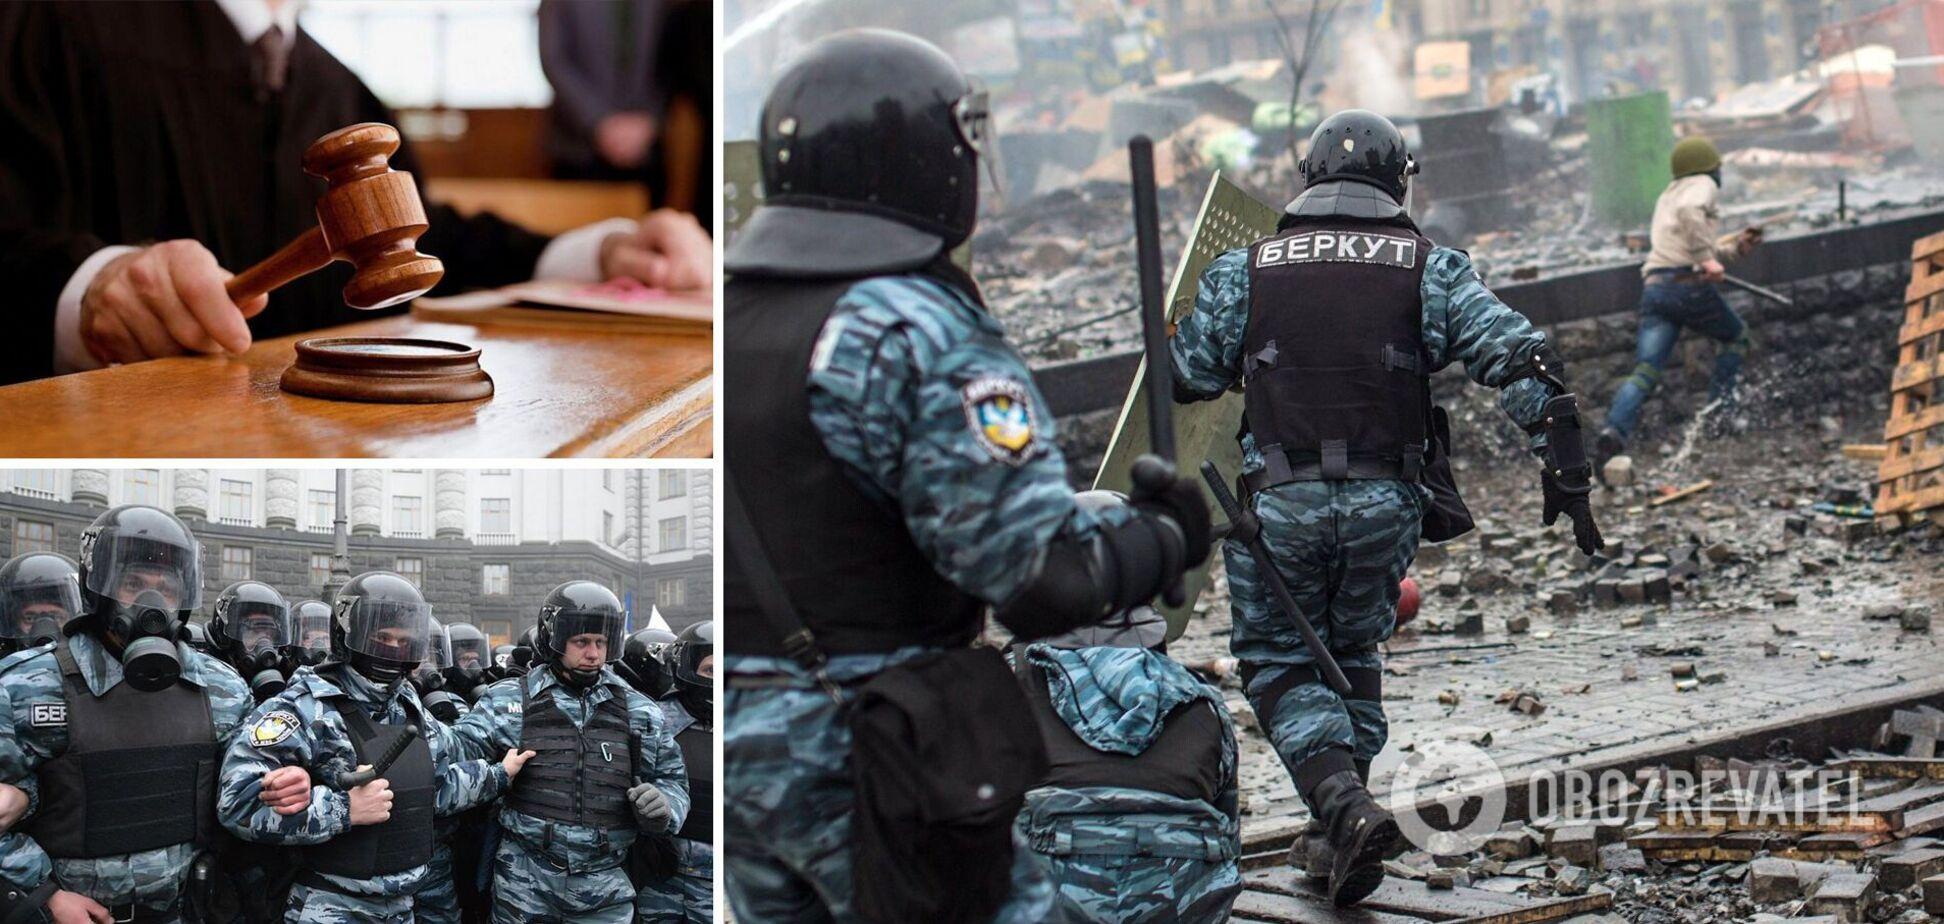 Вбивства на Майдані: в Україні дозволили заочно судити беркутівців, які ховаються в Росії